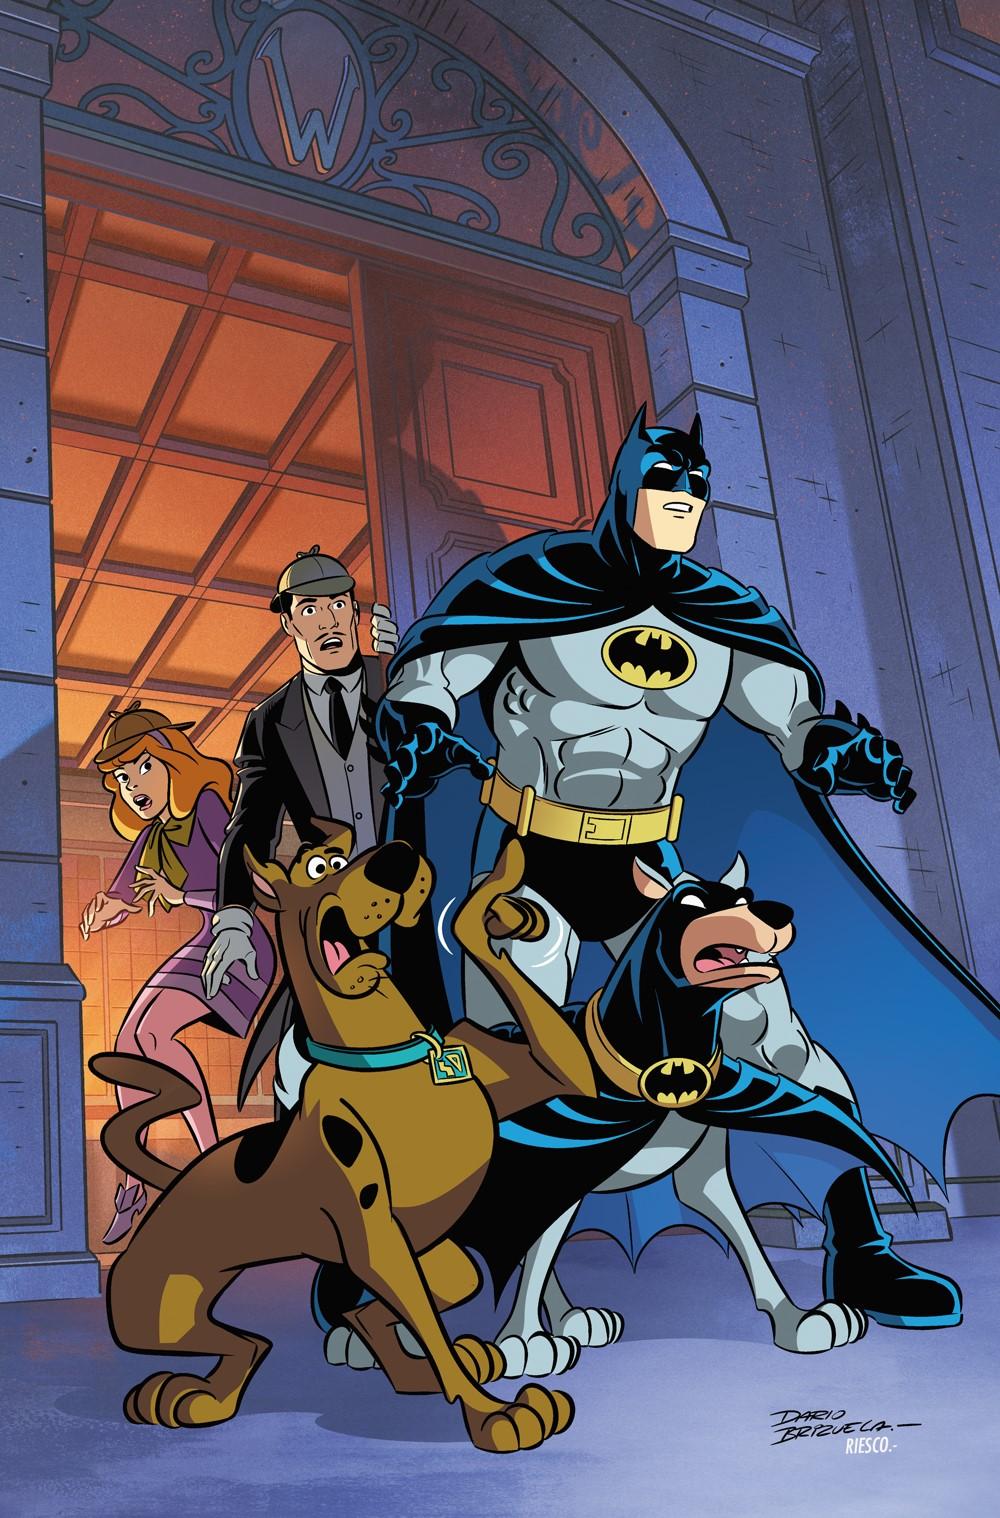 Batman-SD-cover-issue-7-color-final DC Comics October 2021 Solicitations